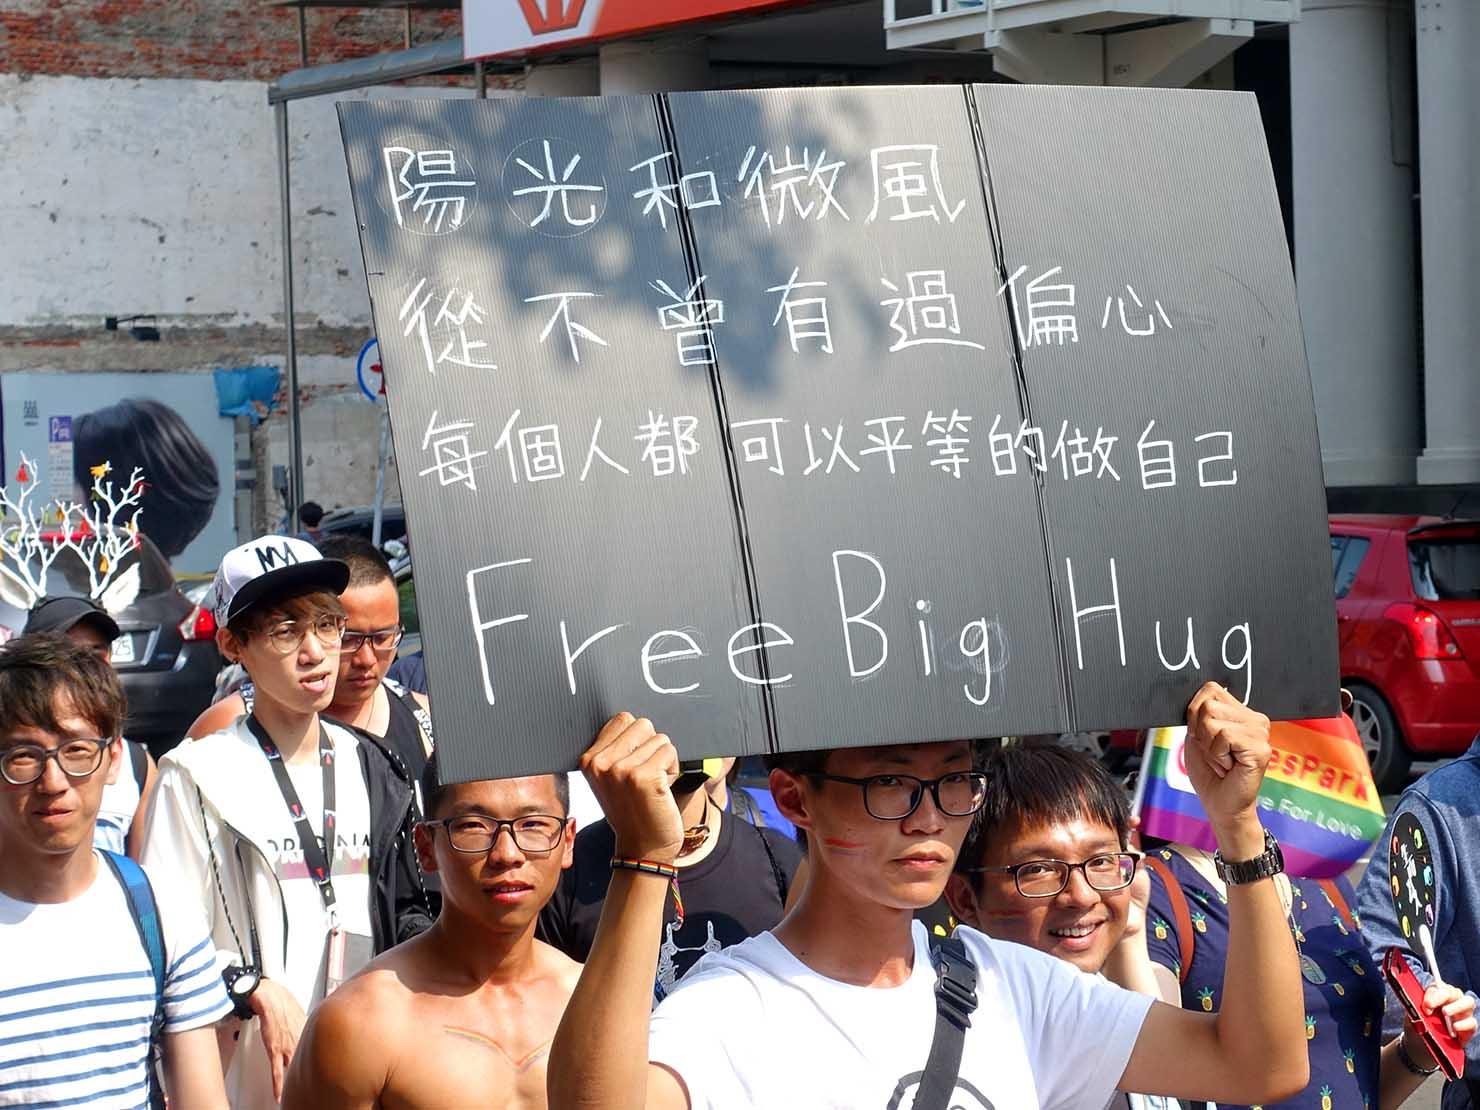 台南彩虹遊行(台南レインボーパレード)2019のパレードでメッセージボードを掲げる参加者